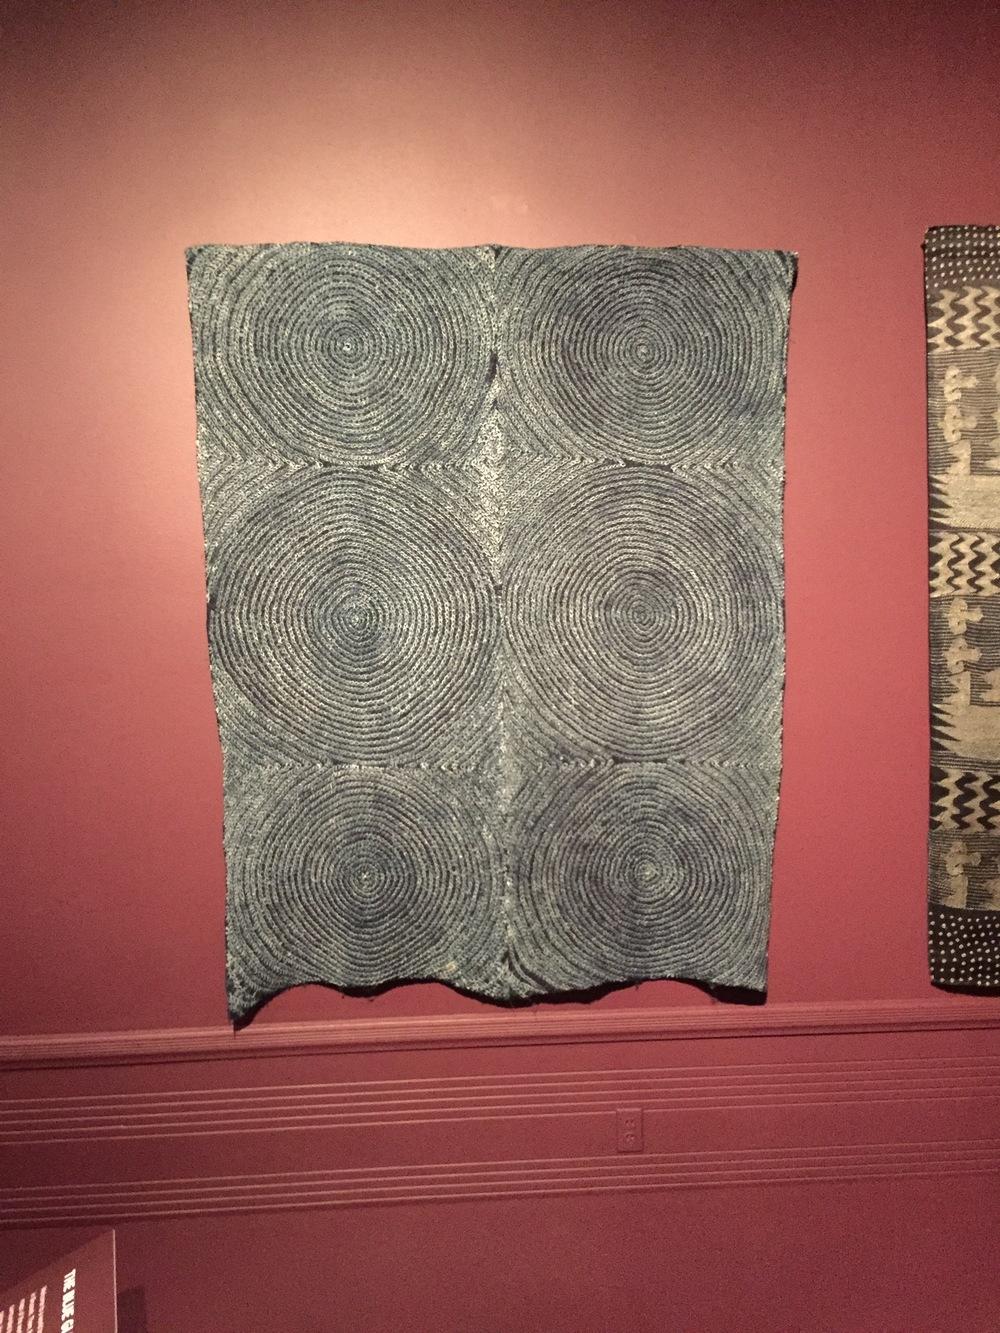 osu bamba (cloth with full moon), Nigeria & Yoruba